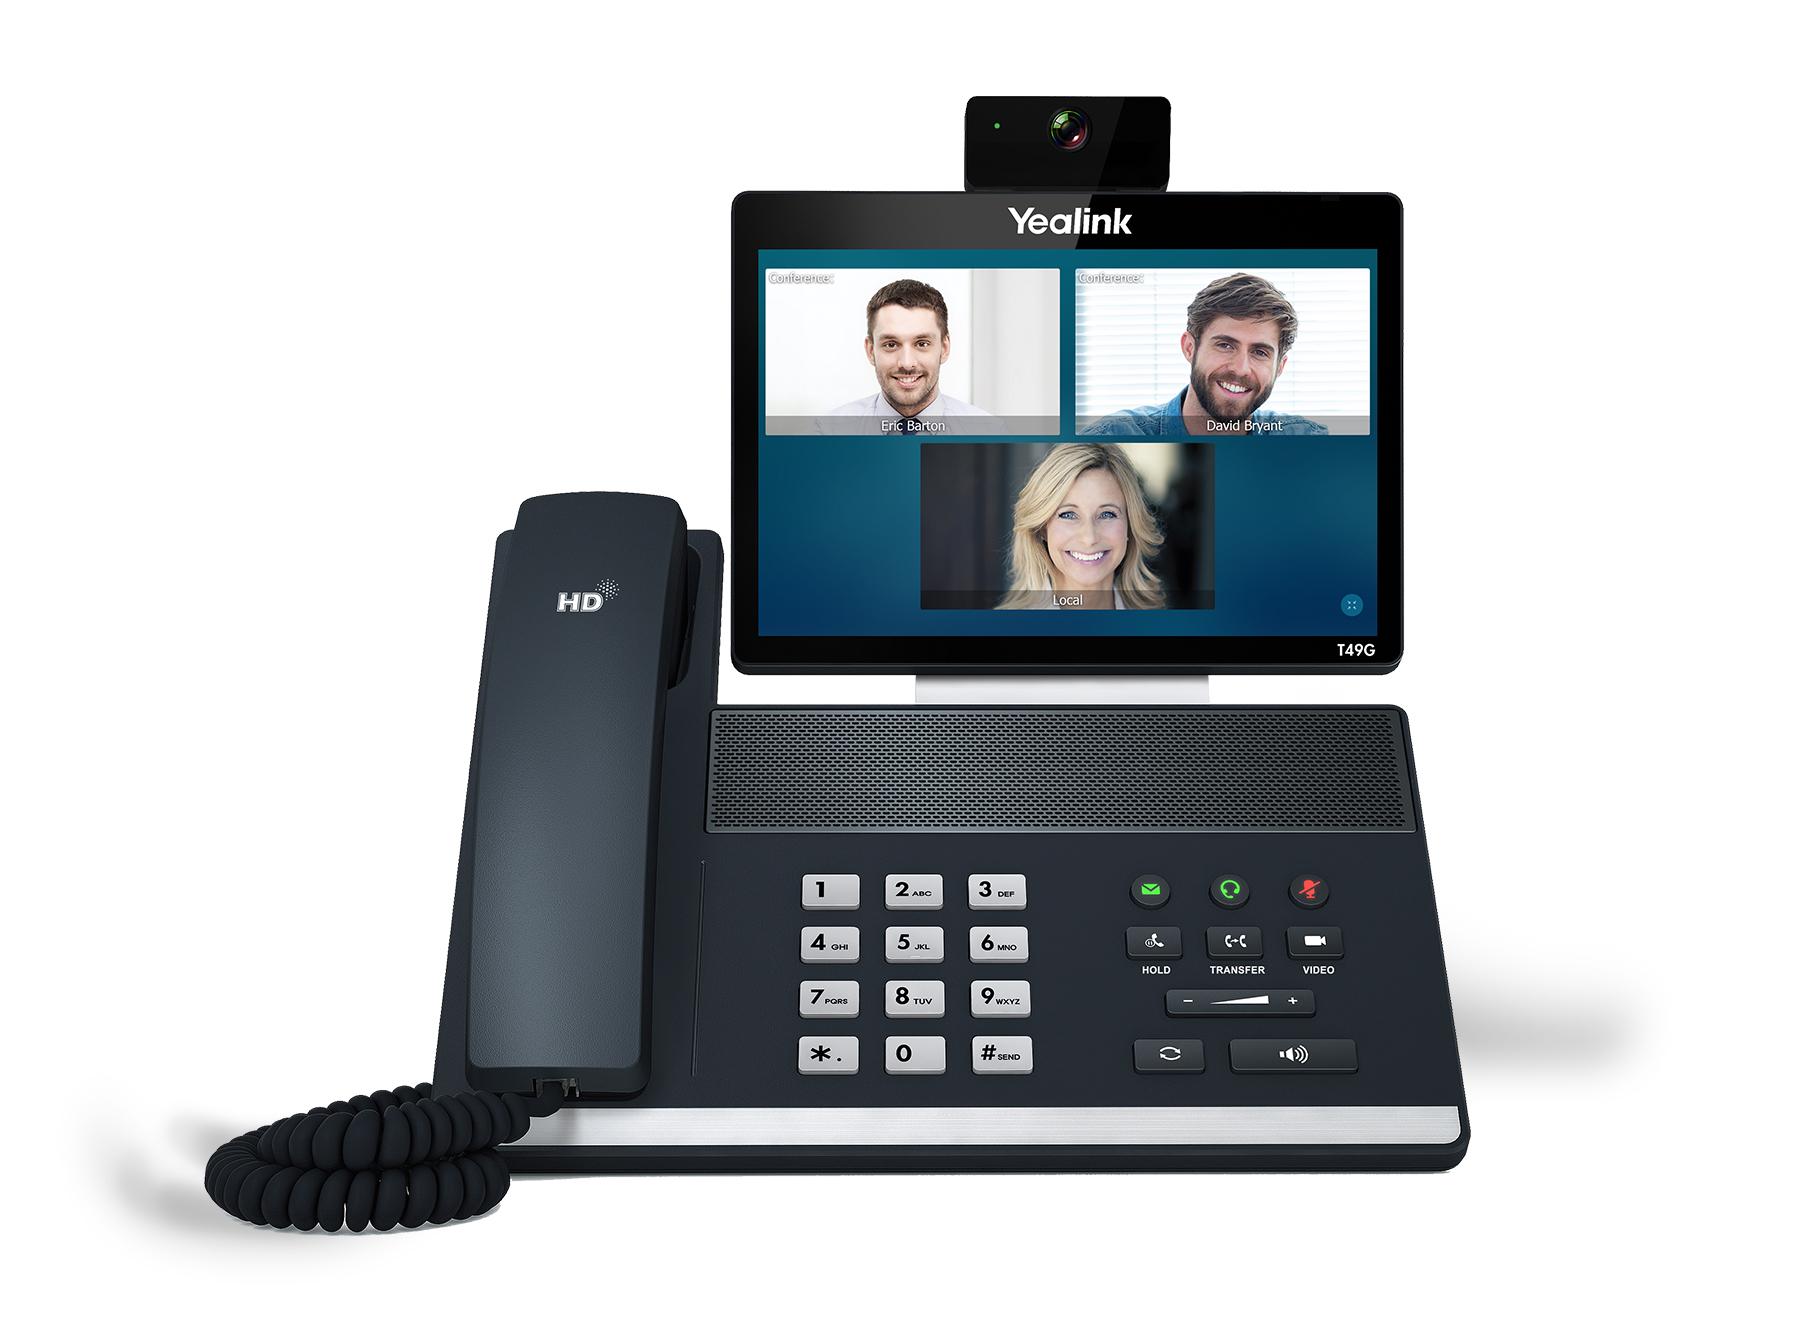 SIP VP-T49G Yealink Videophone